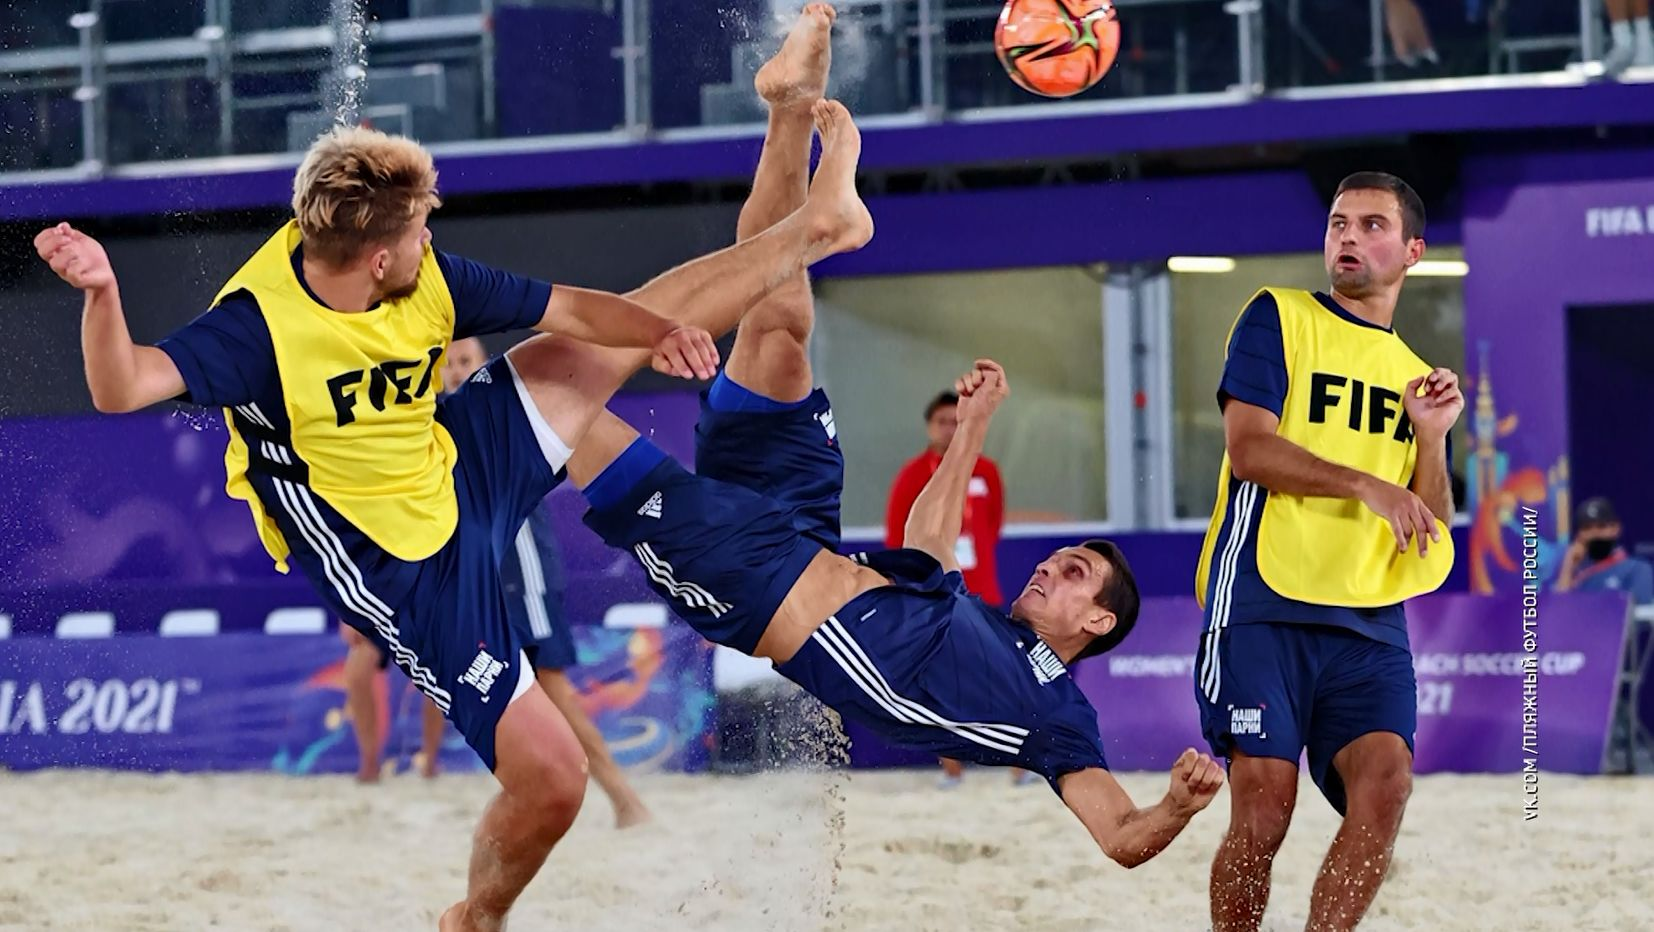 Завтра стартует Чемпионат мира по пляжному футболу - болеем за сборную и ярославца Бориса Никонорова